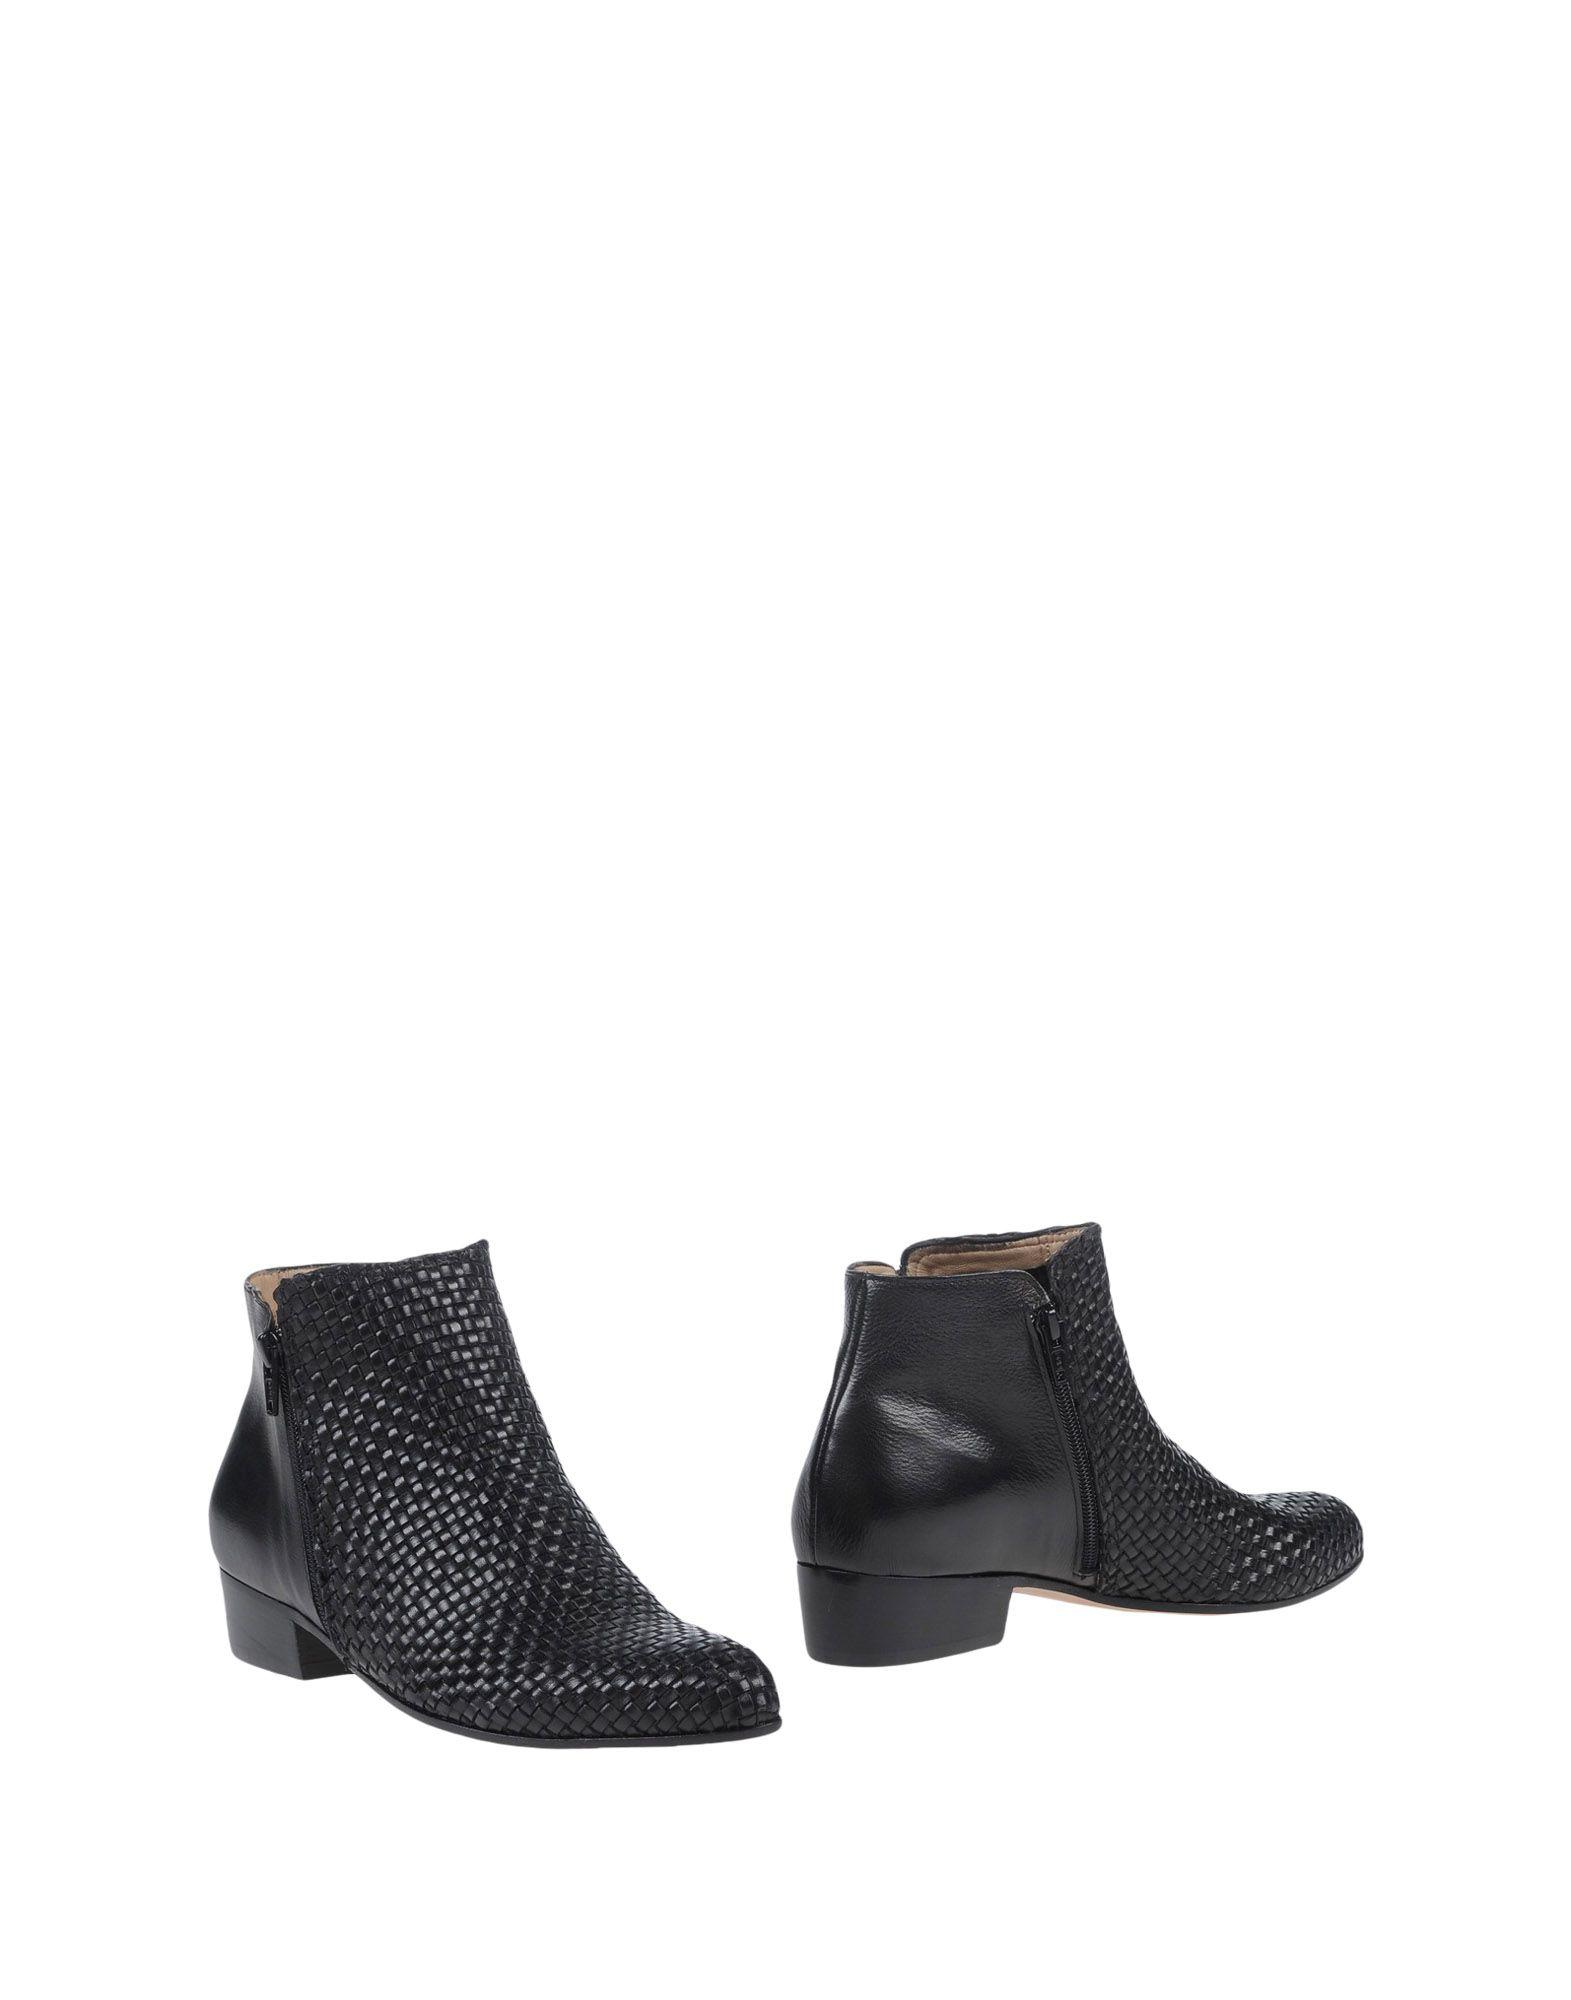 Chelsea Boots Calpierre Donna Donna Calpierre - 11408064WP a39926